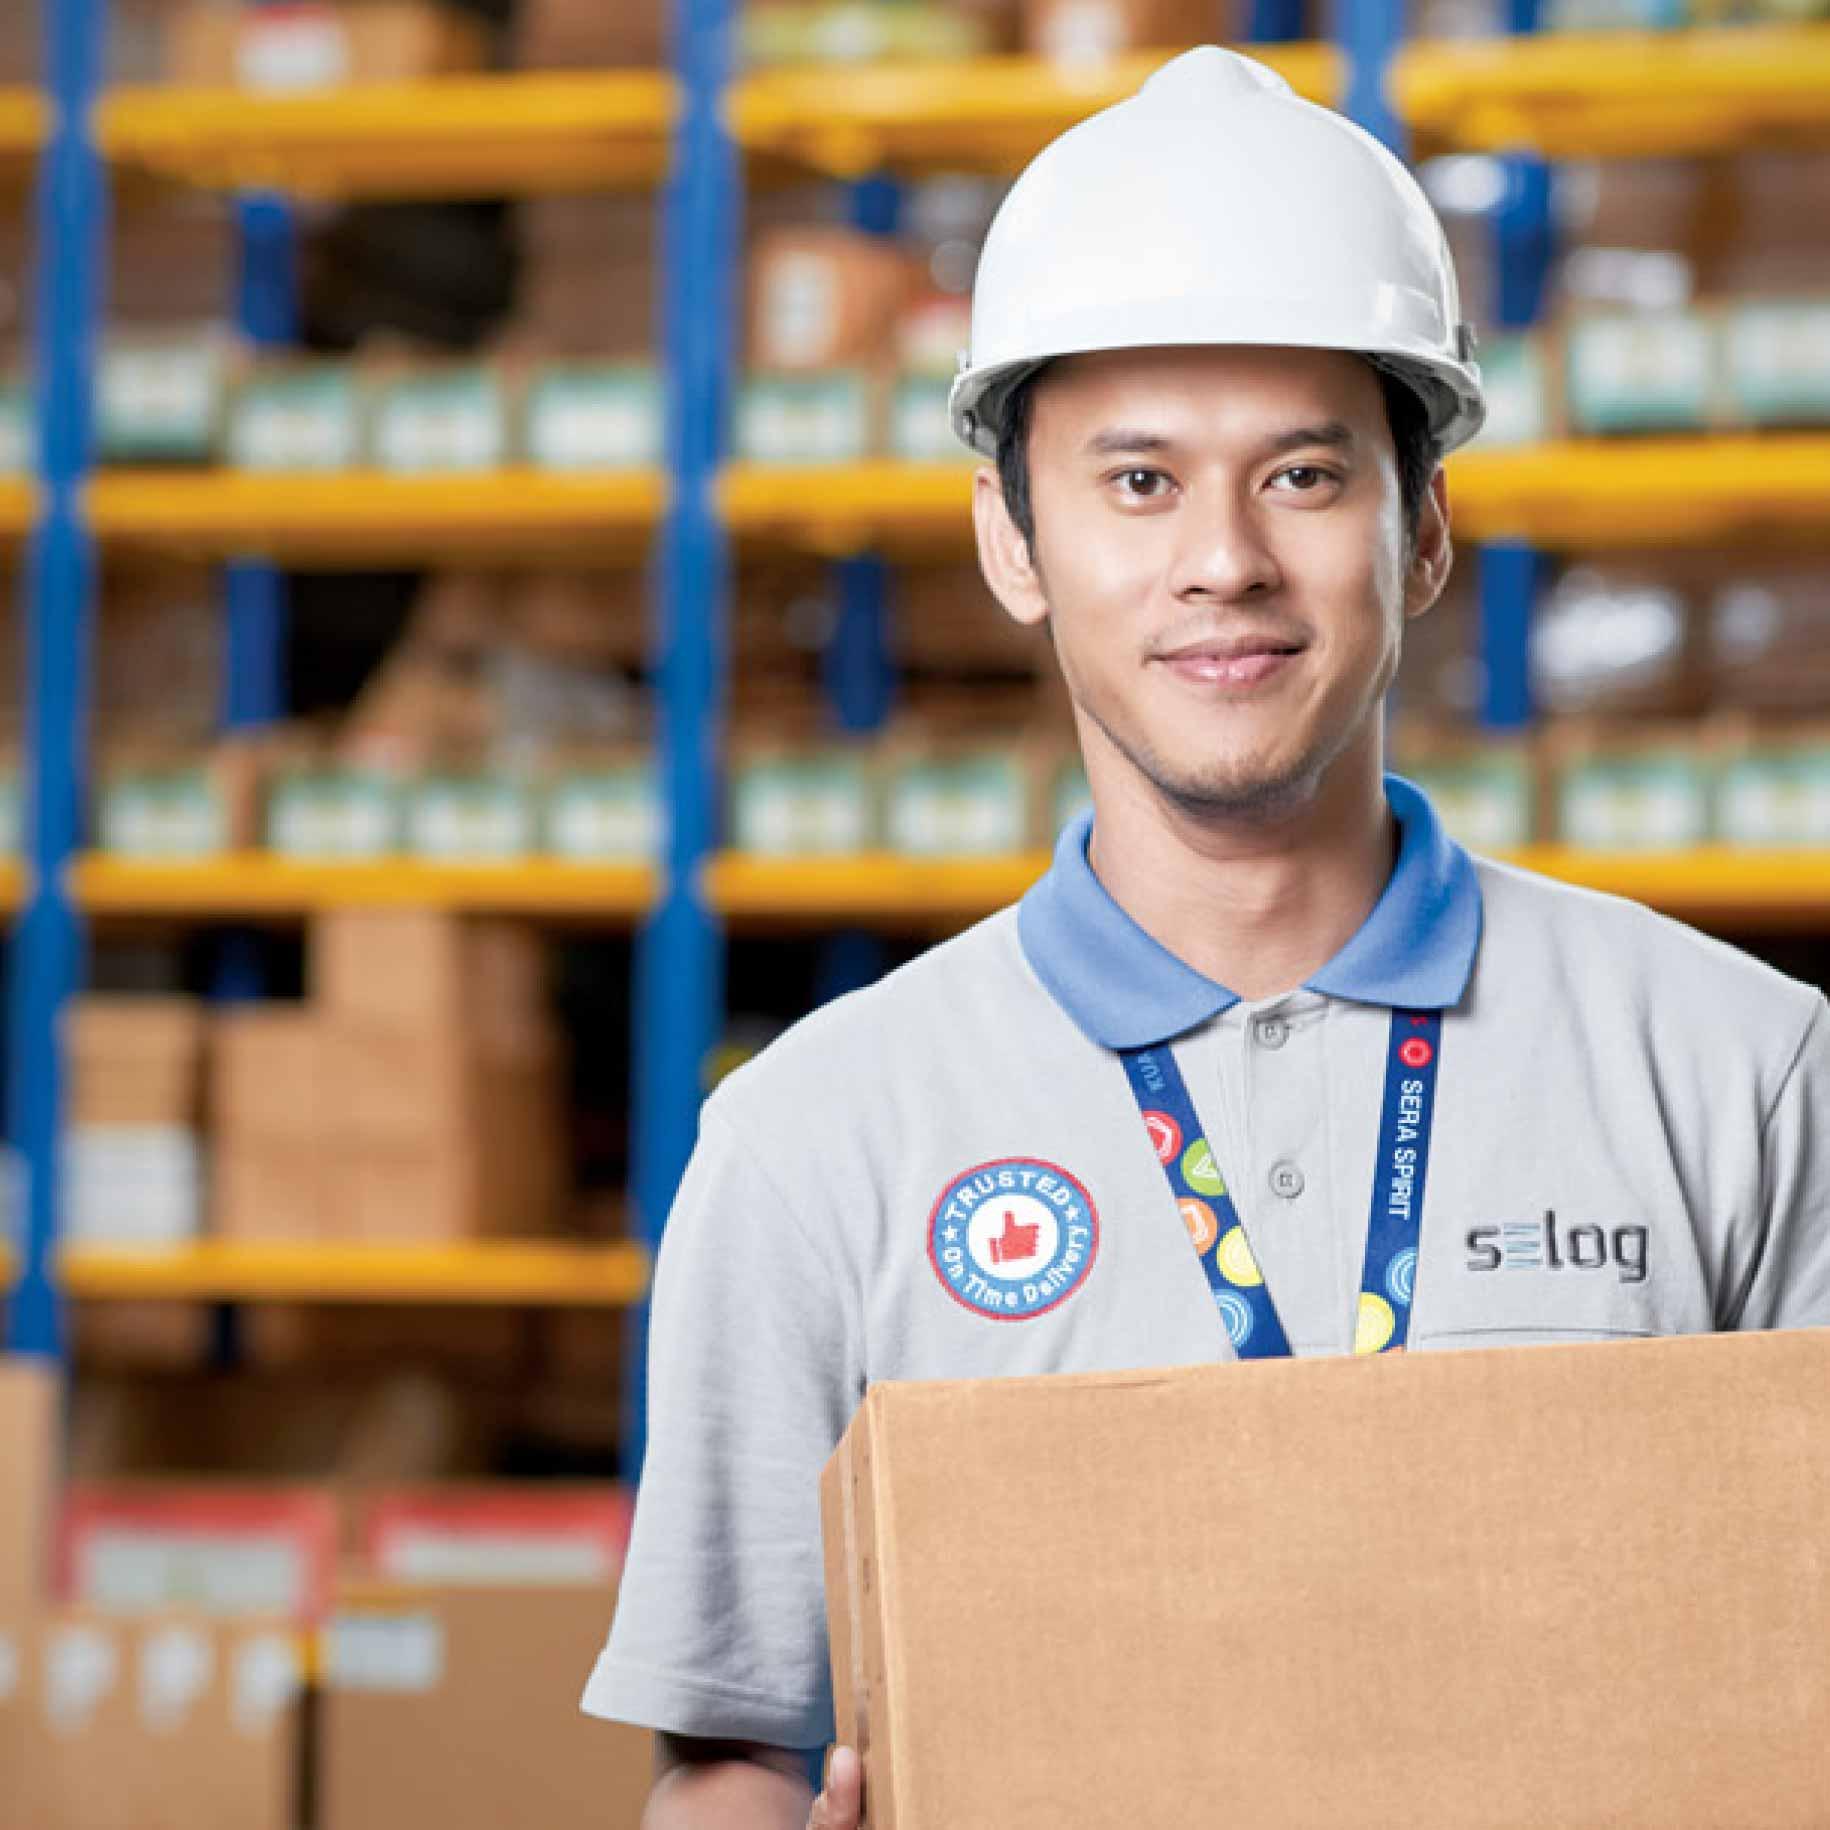 Modernisasi Logistik untuk Tingkatkan Efisiensi